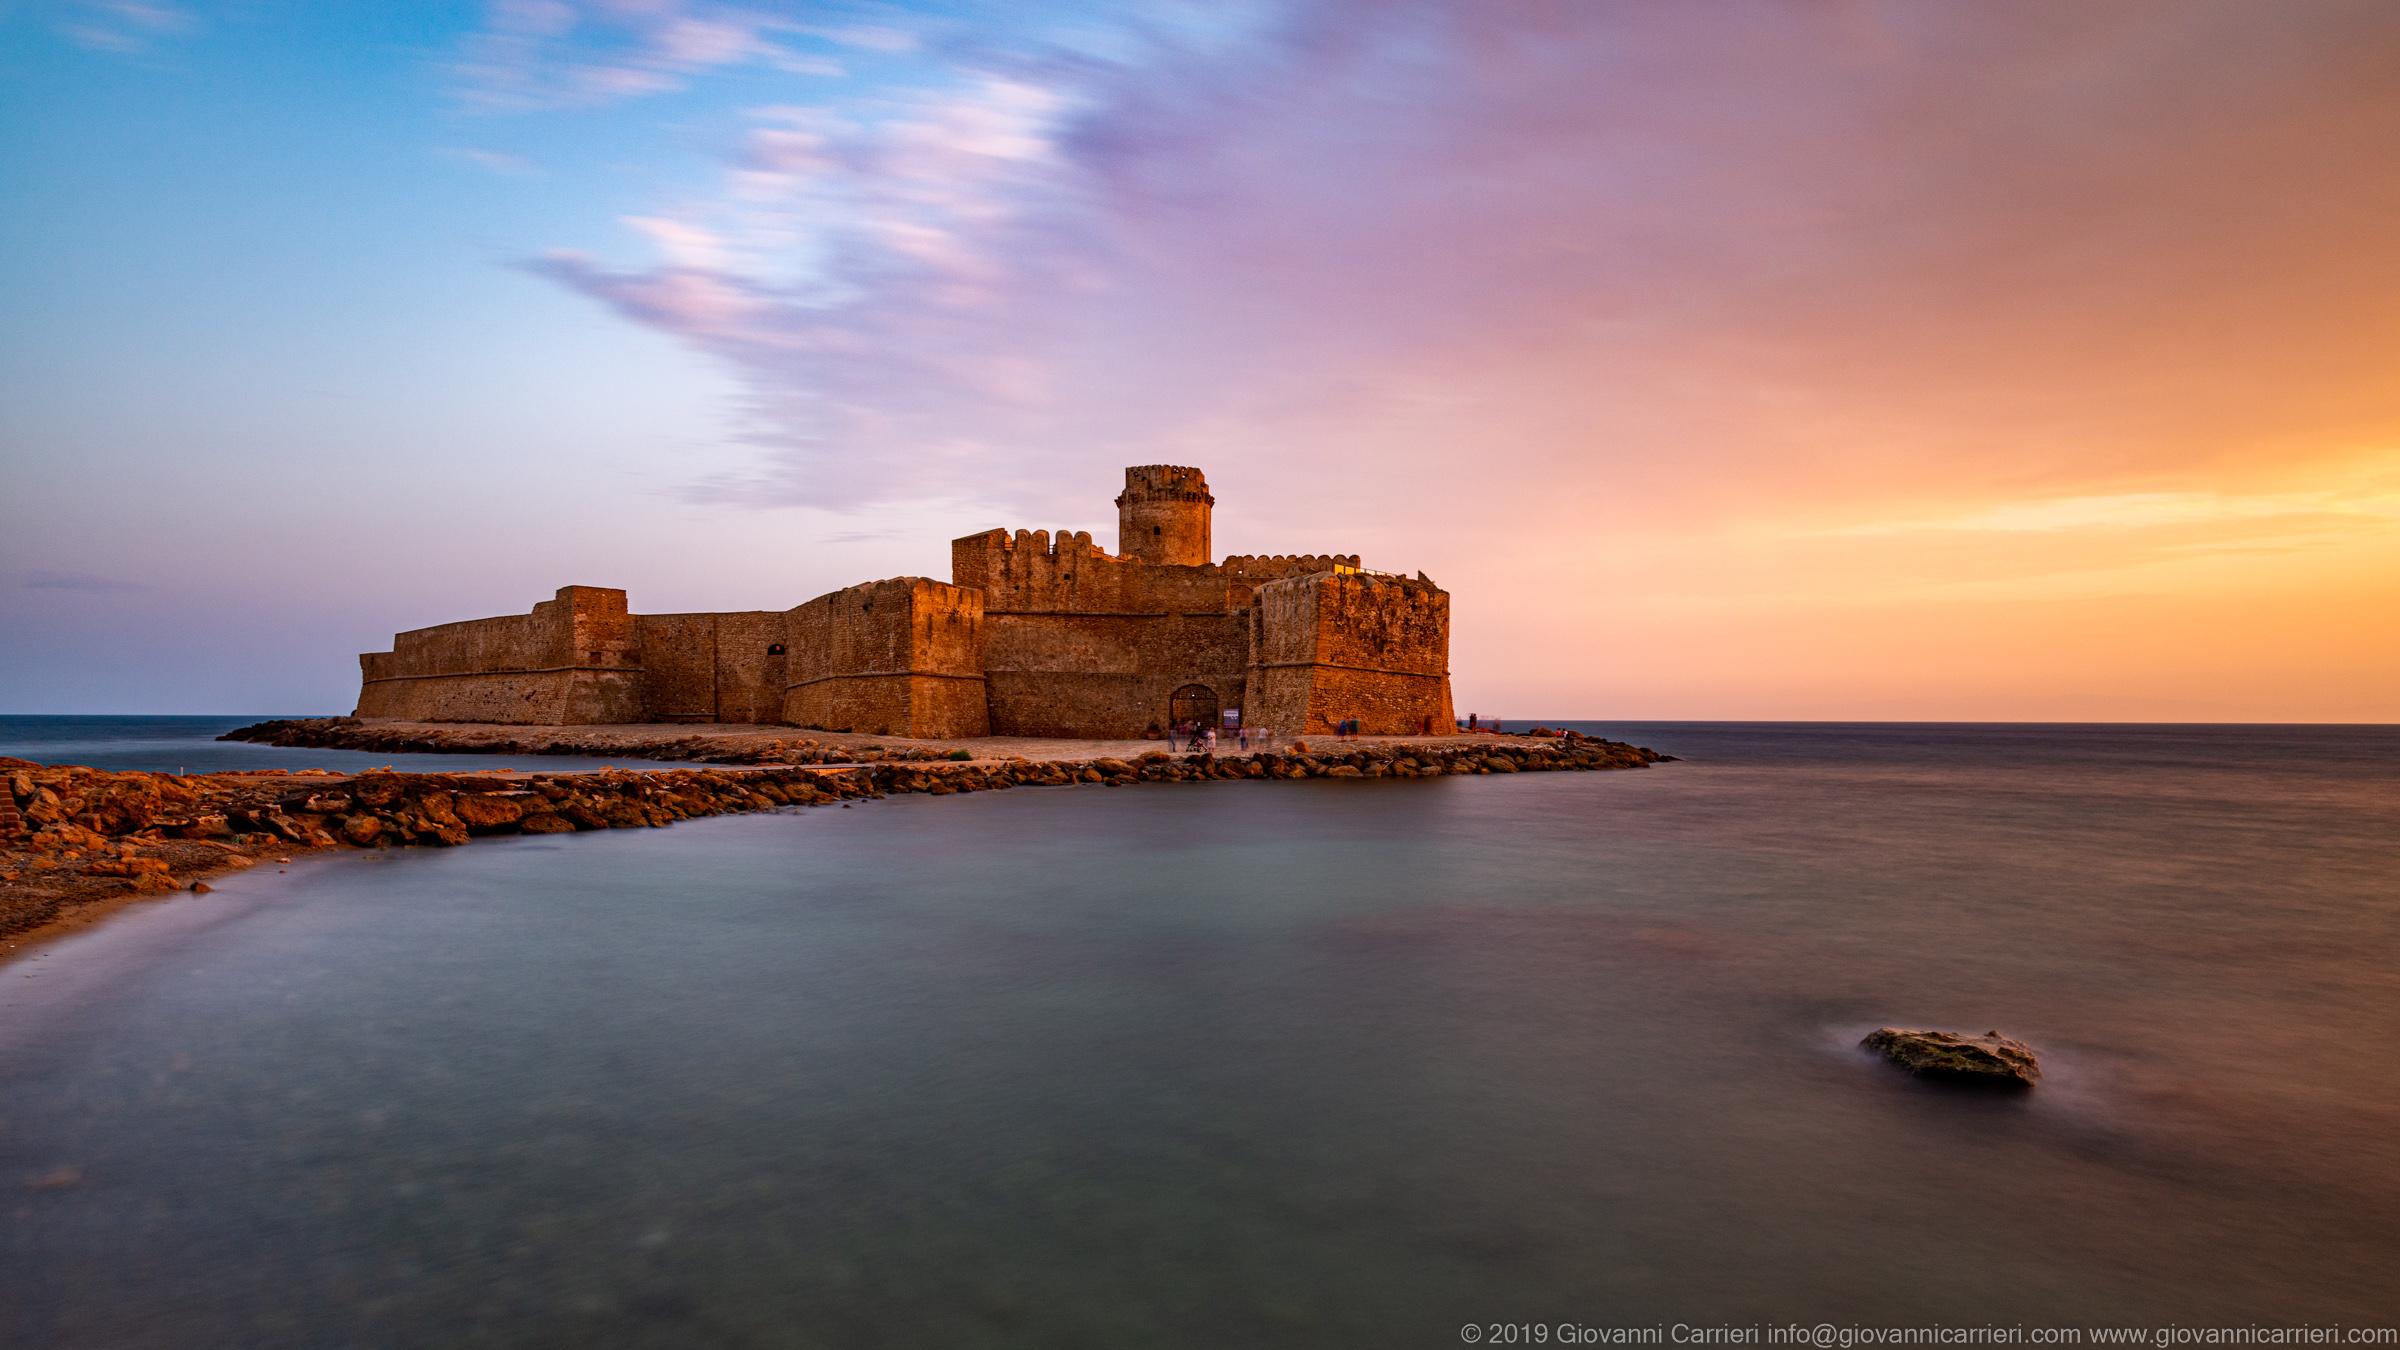 Il Castello Aragonese di Le Castella in provincia di Crotone